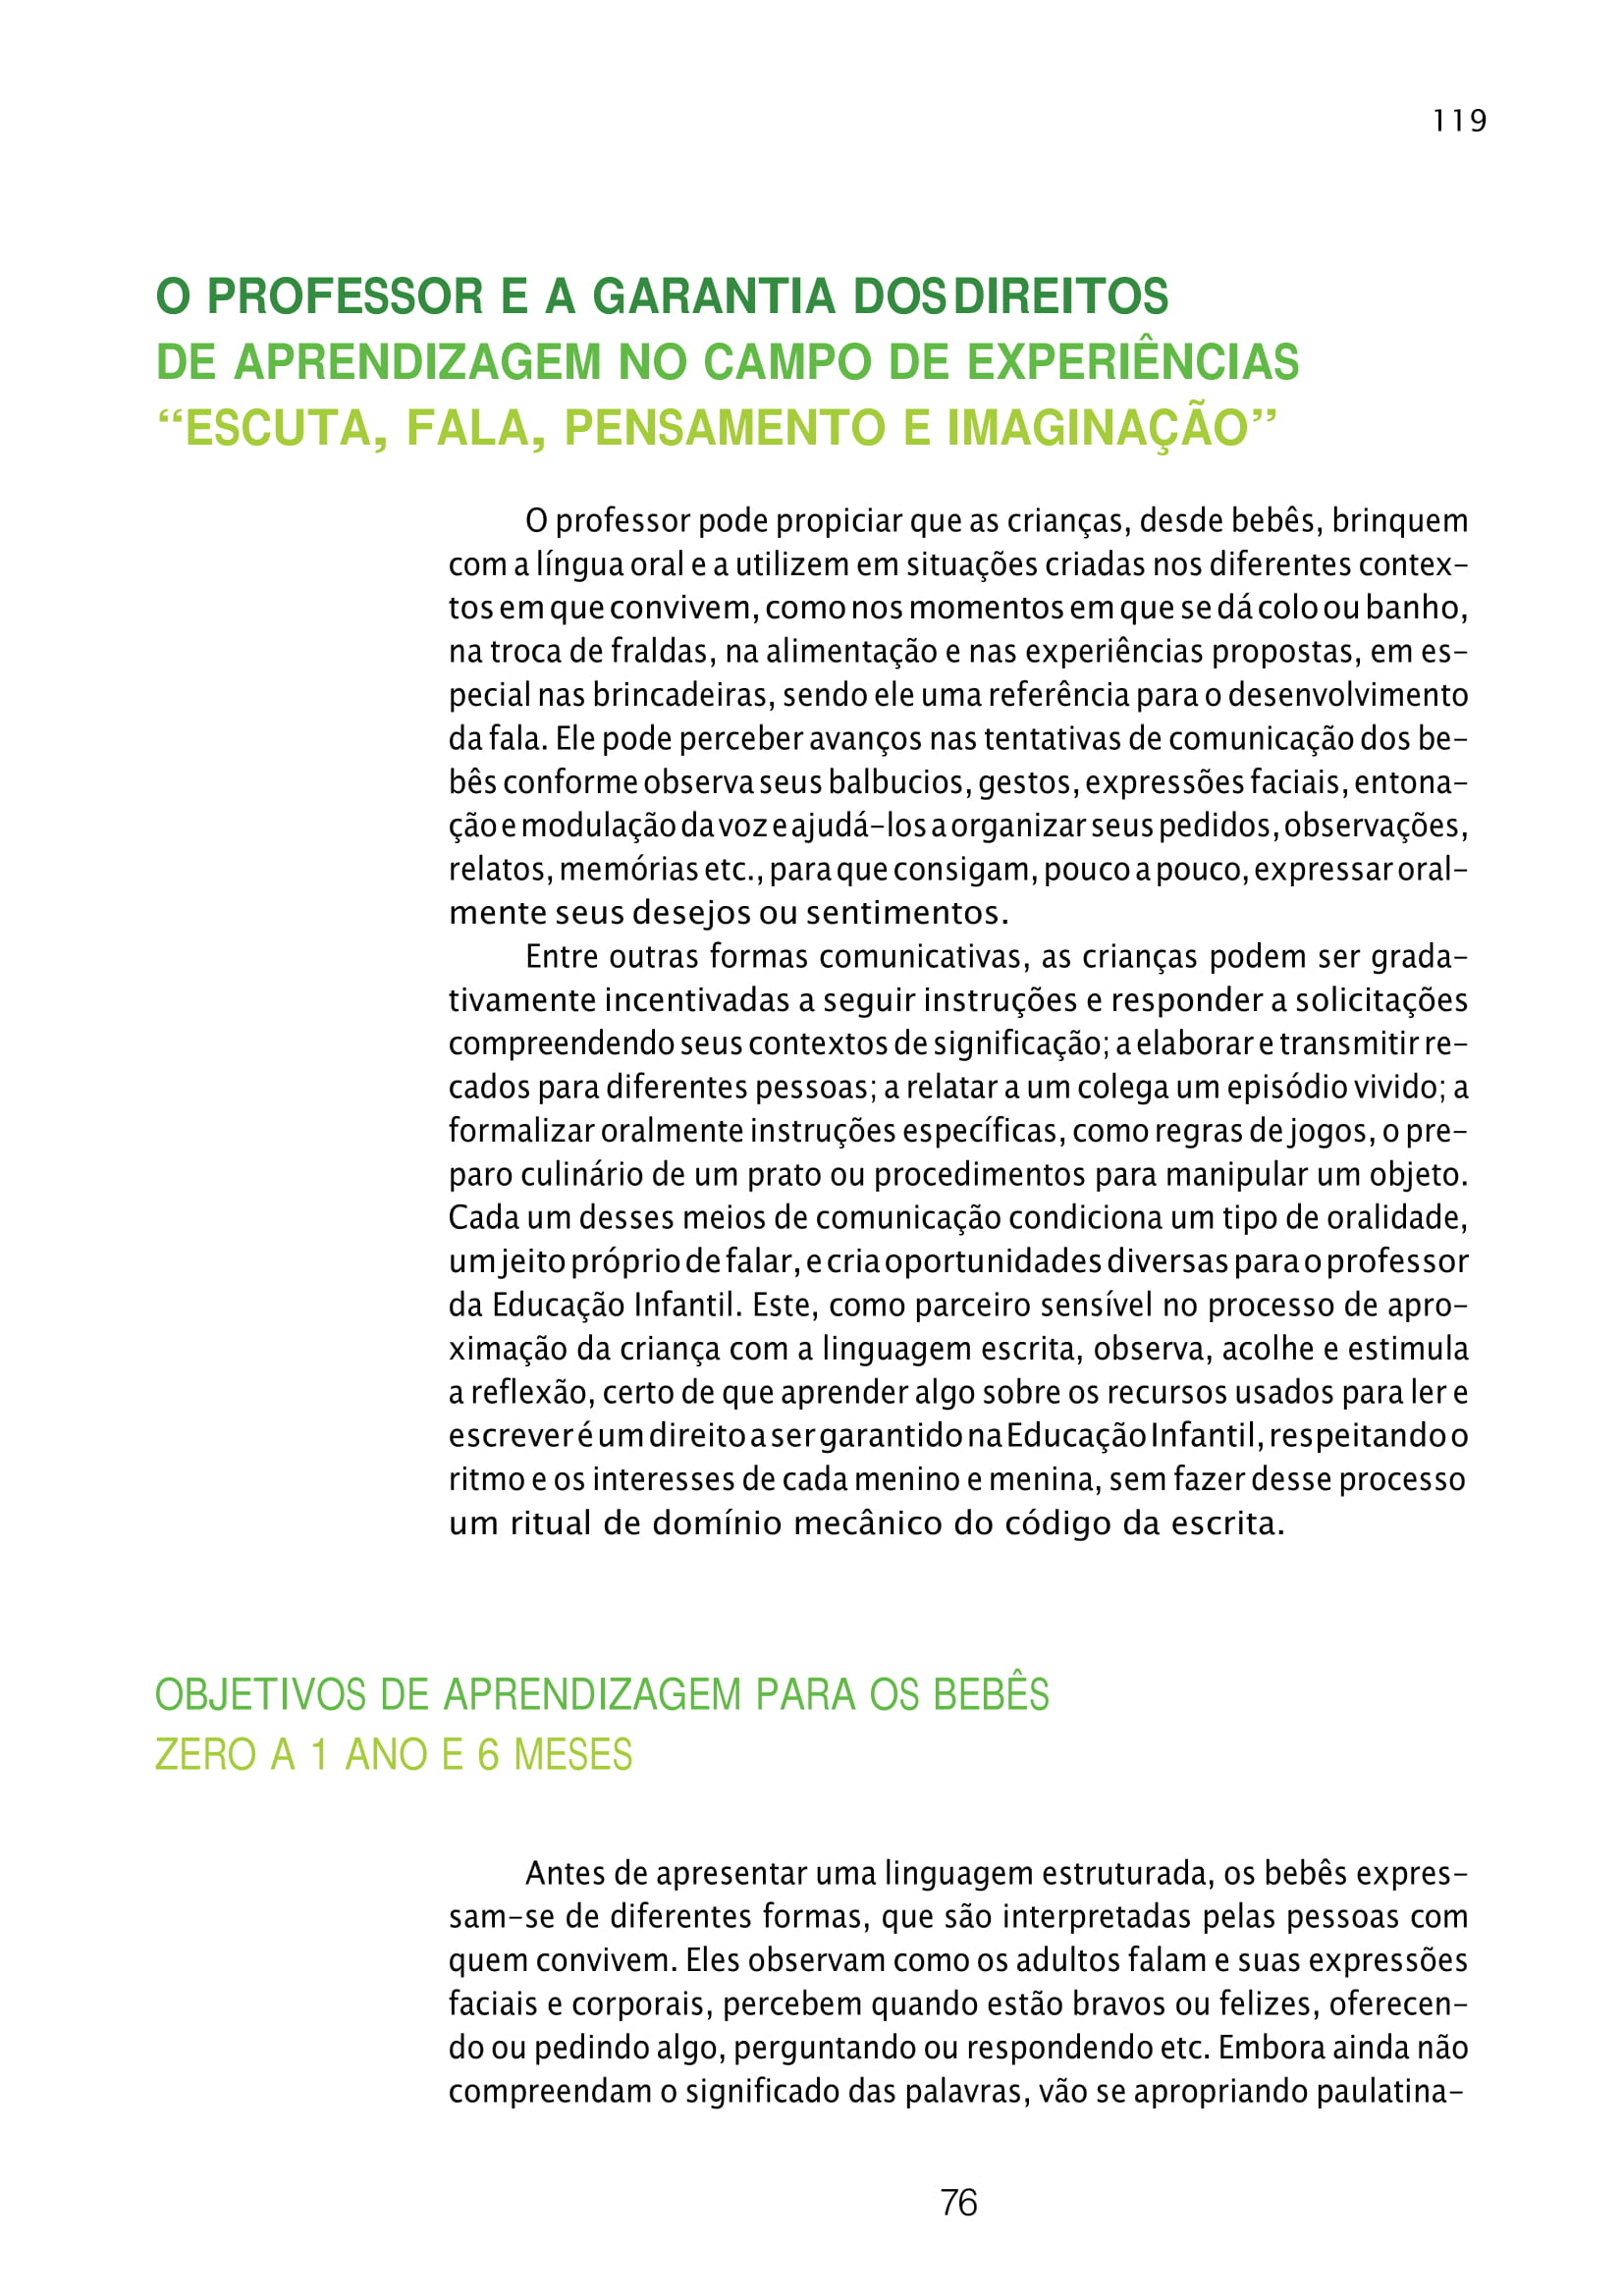 planejamento-educação-infantil-bncc-geral-149